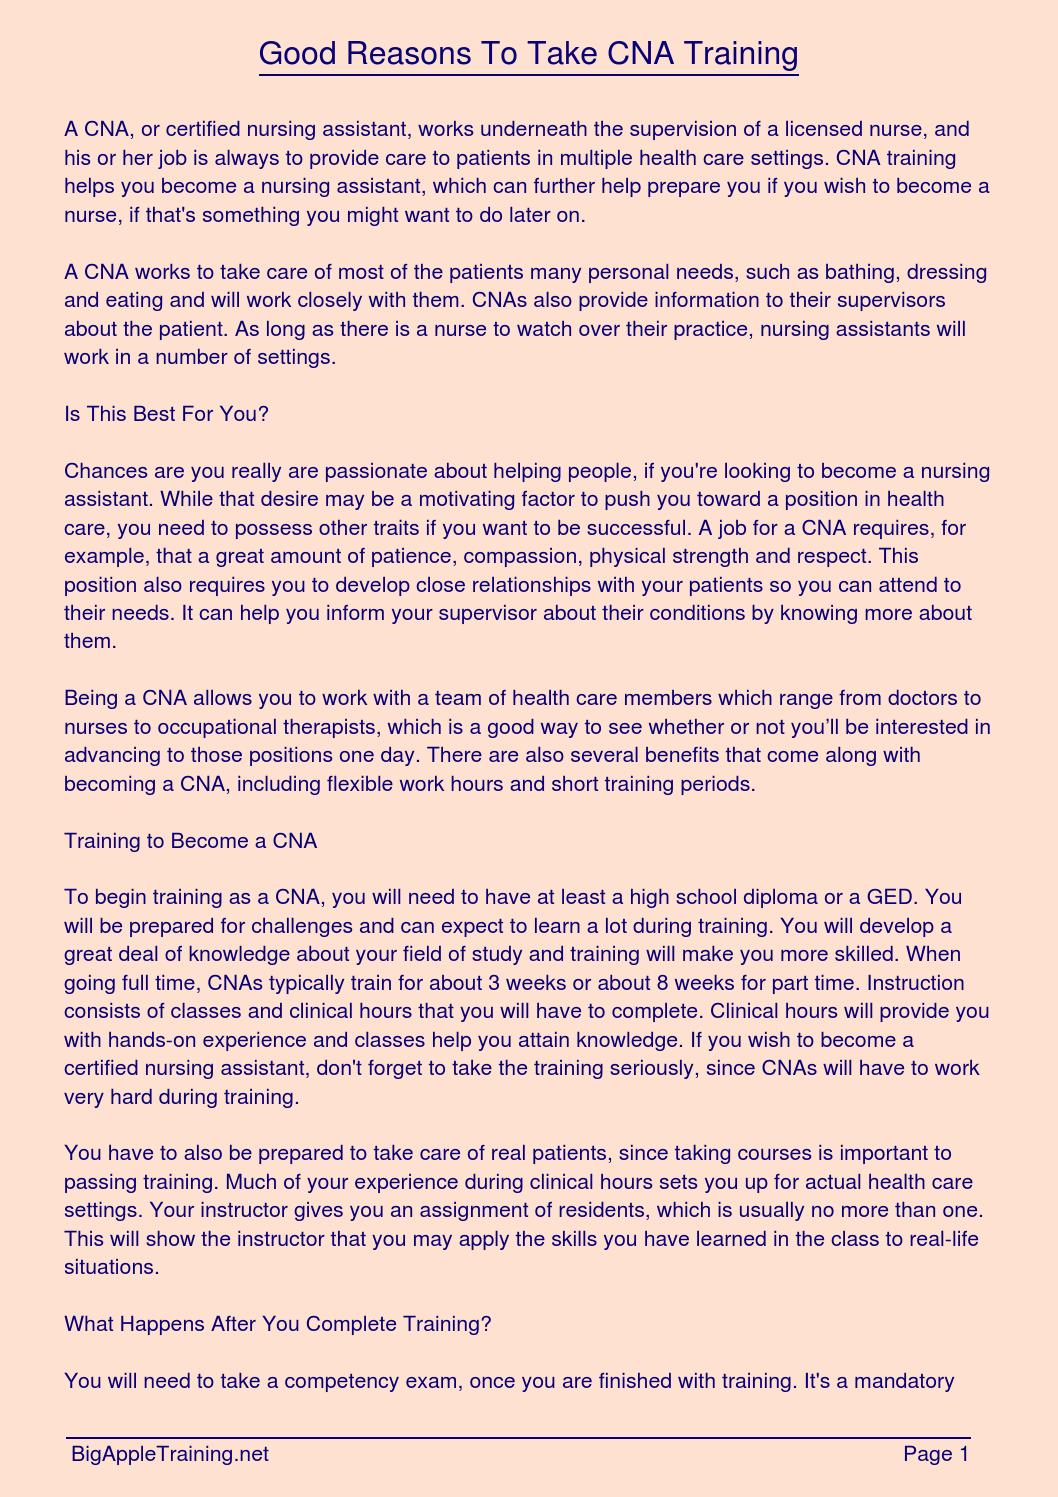 Good Reasons To Take Cna Training By Tony Padilla Issuu